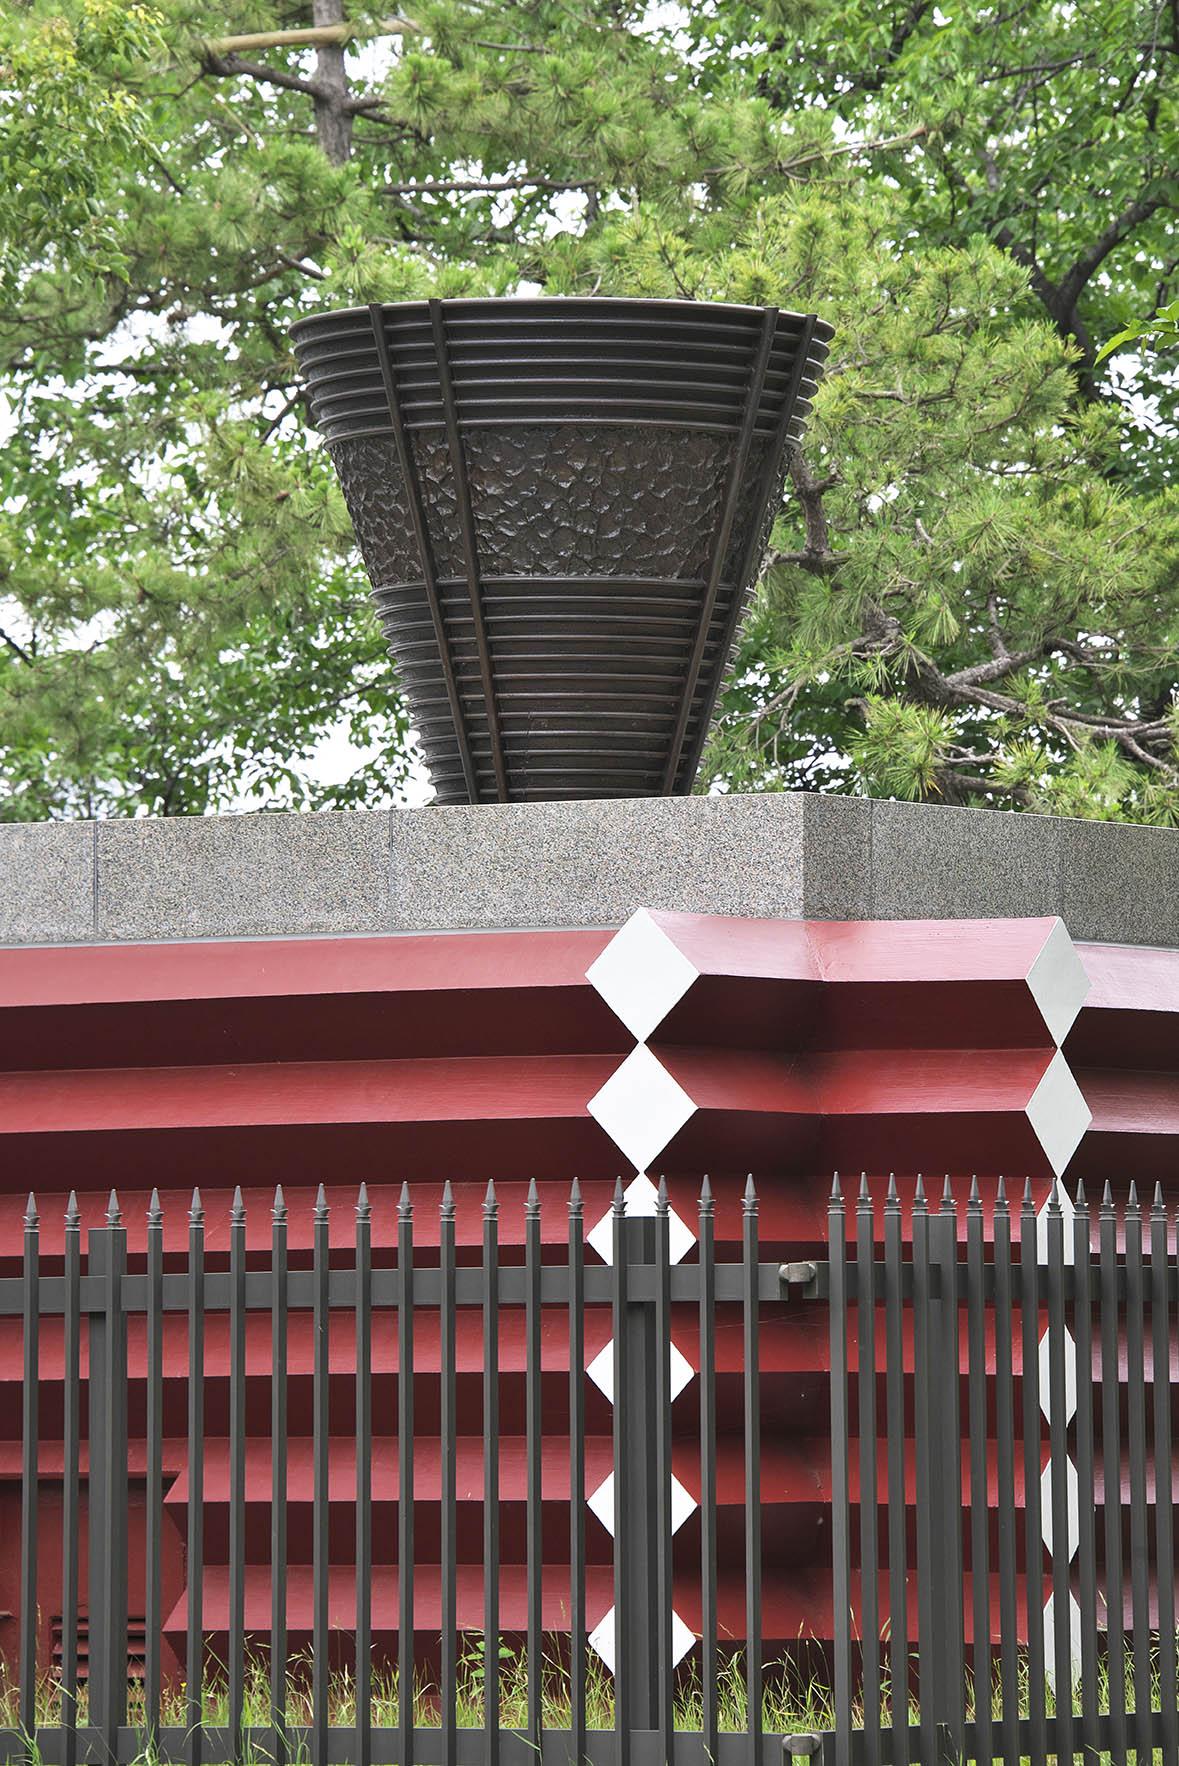 戸田漕艇場は1964年東京オリンピックでボート競技が行われた。その時の聖火台。